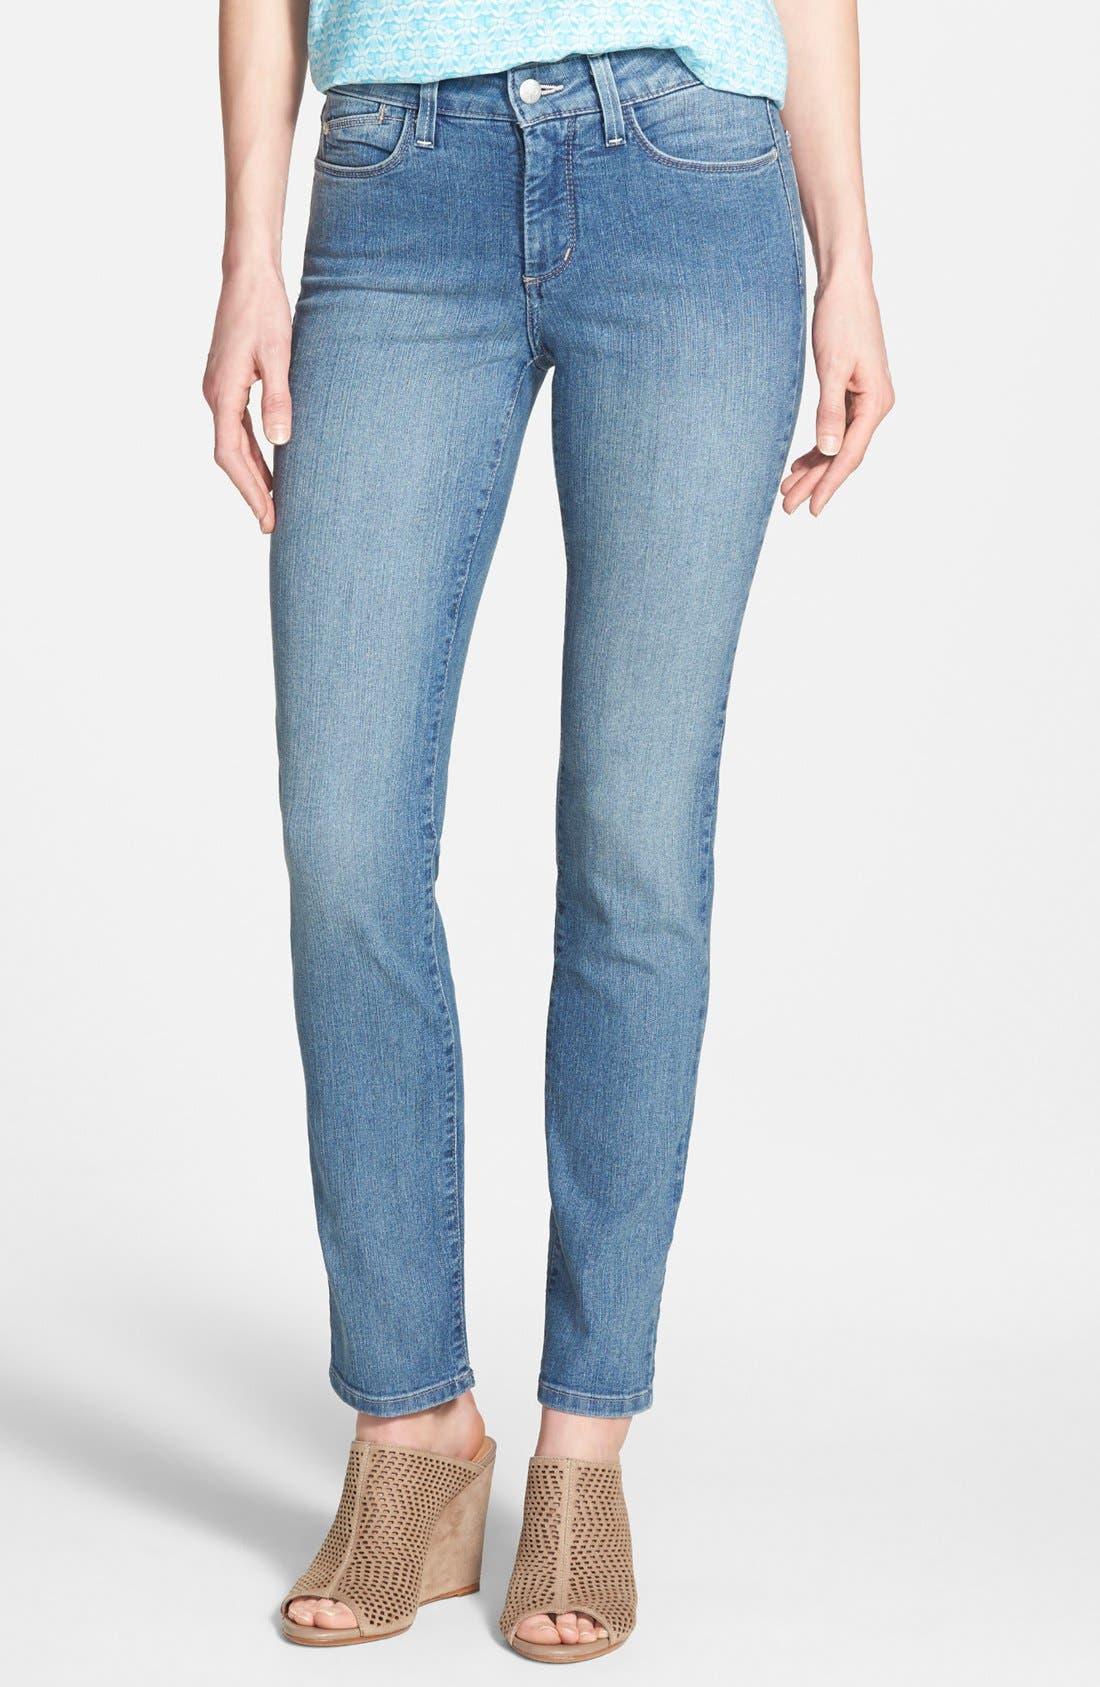 Alternate Image 1 Selected - NYDJ 'Sheri' Stretch Skinny Jeans (Palmdale)